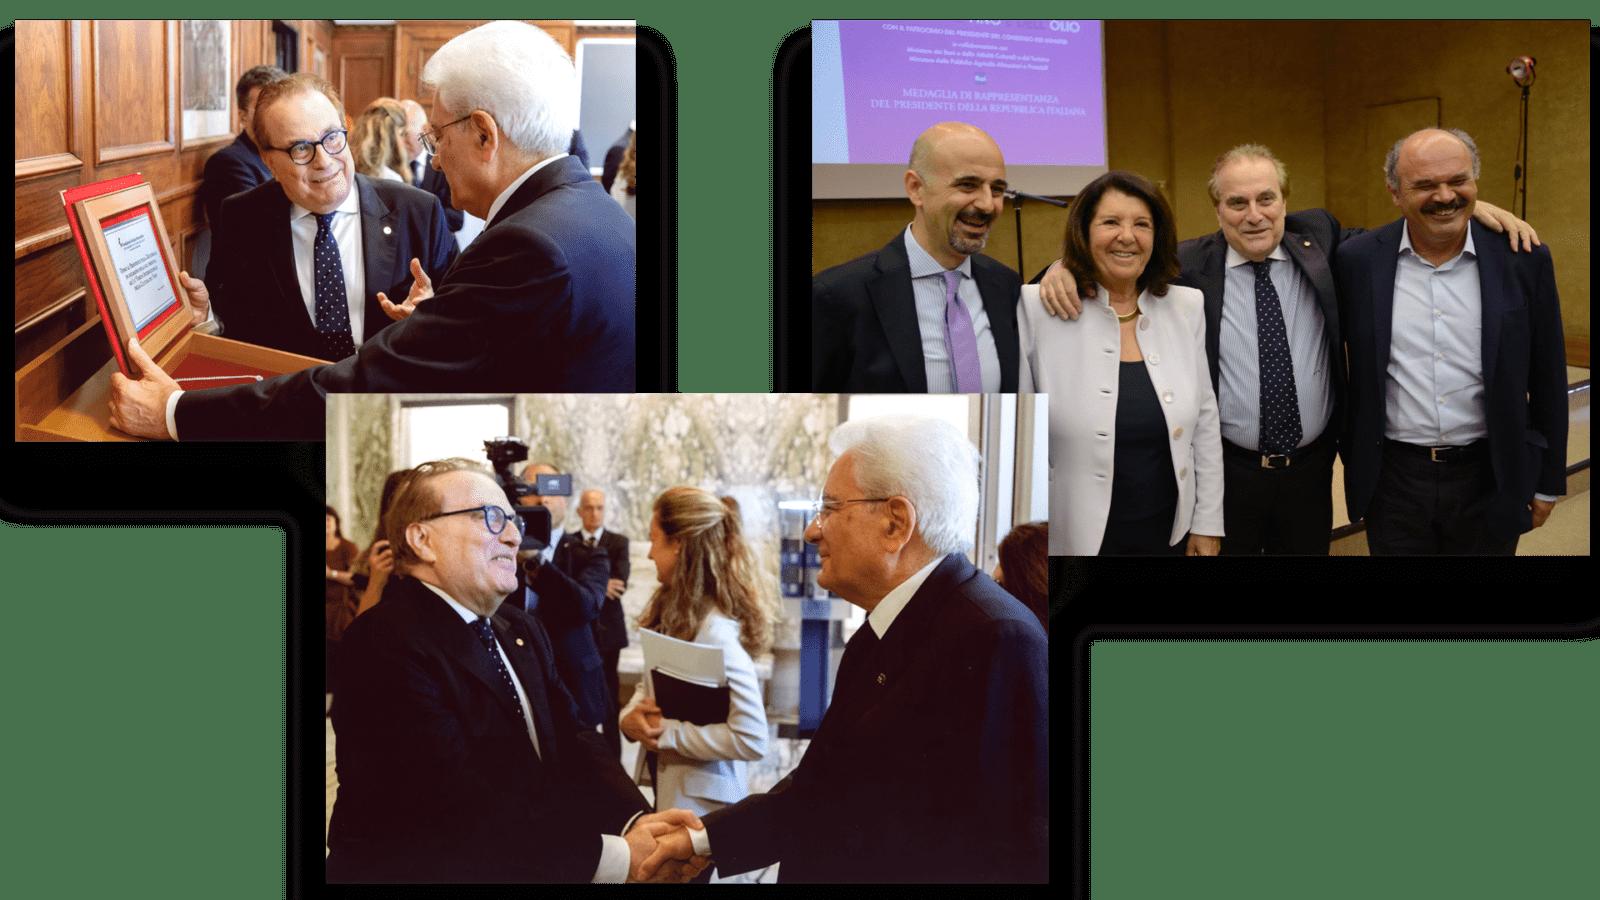 Franco ricci e istituzioni Eccellenze Italiane